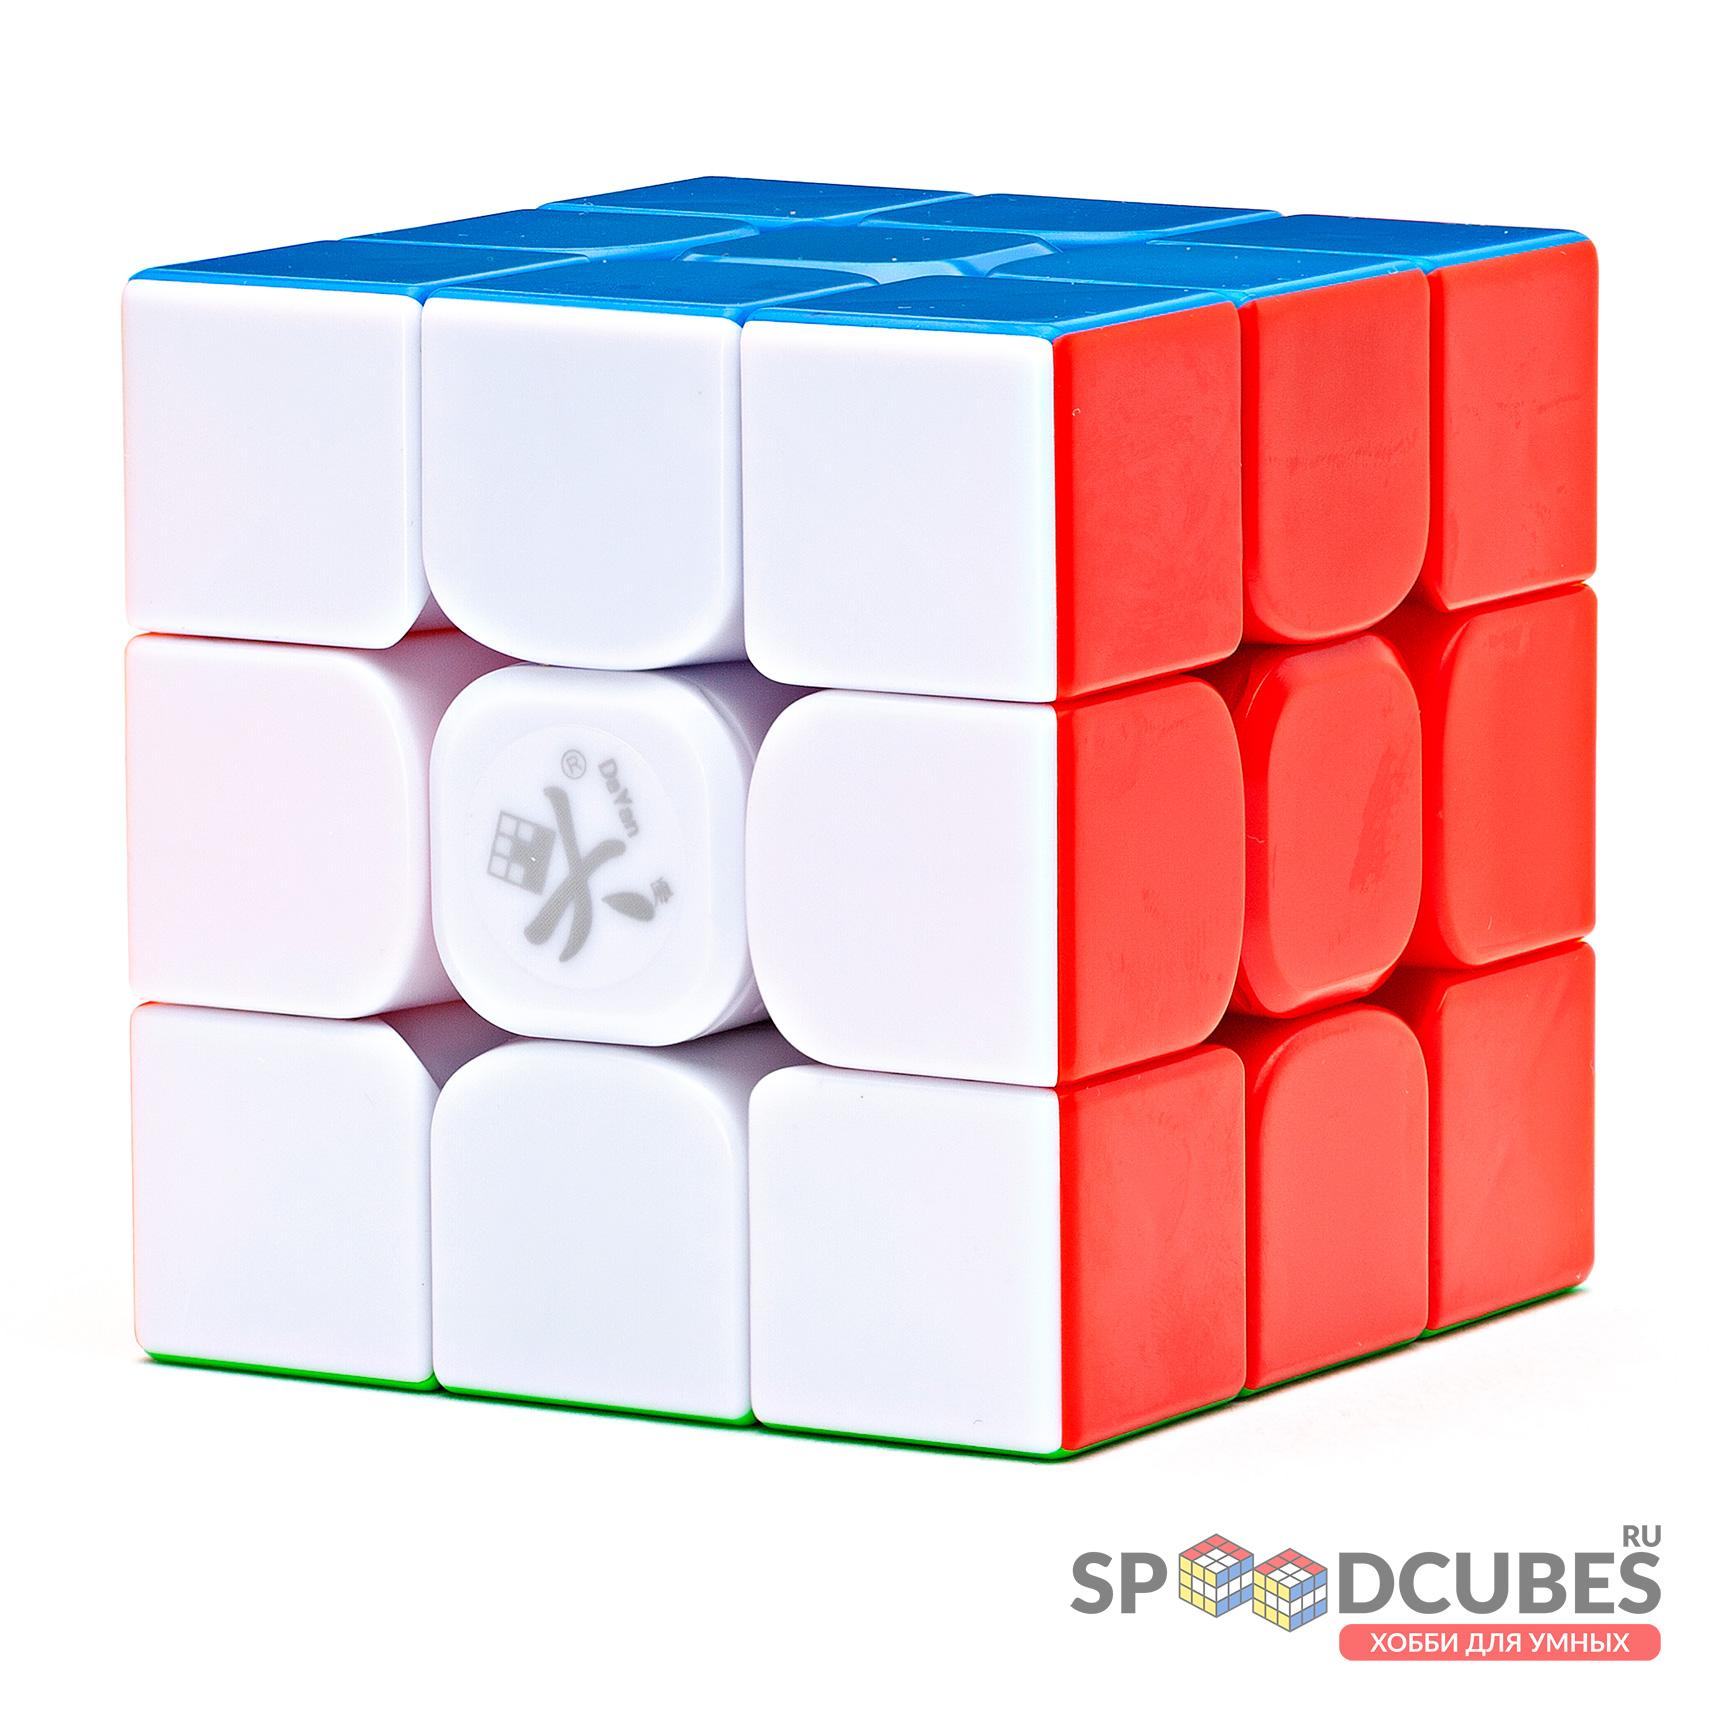 DaYan 3x3 GuHong 4M